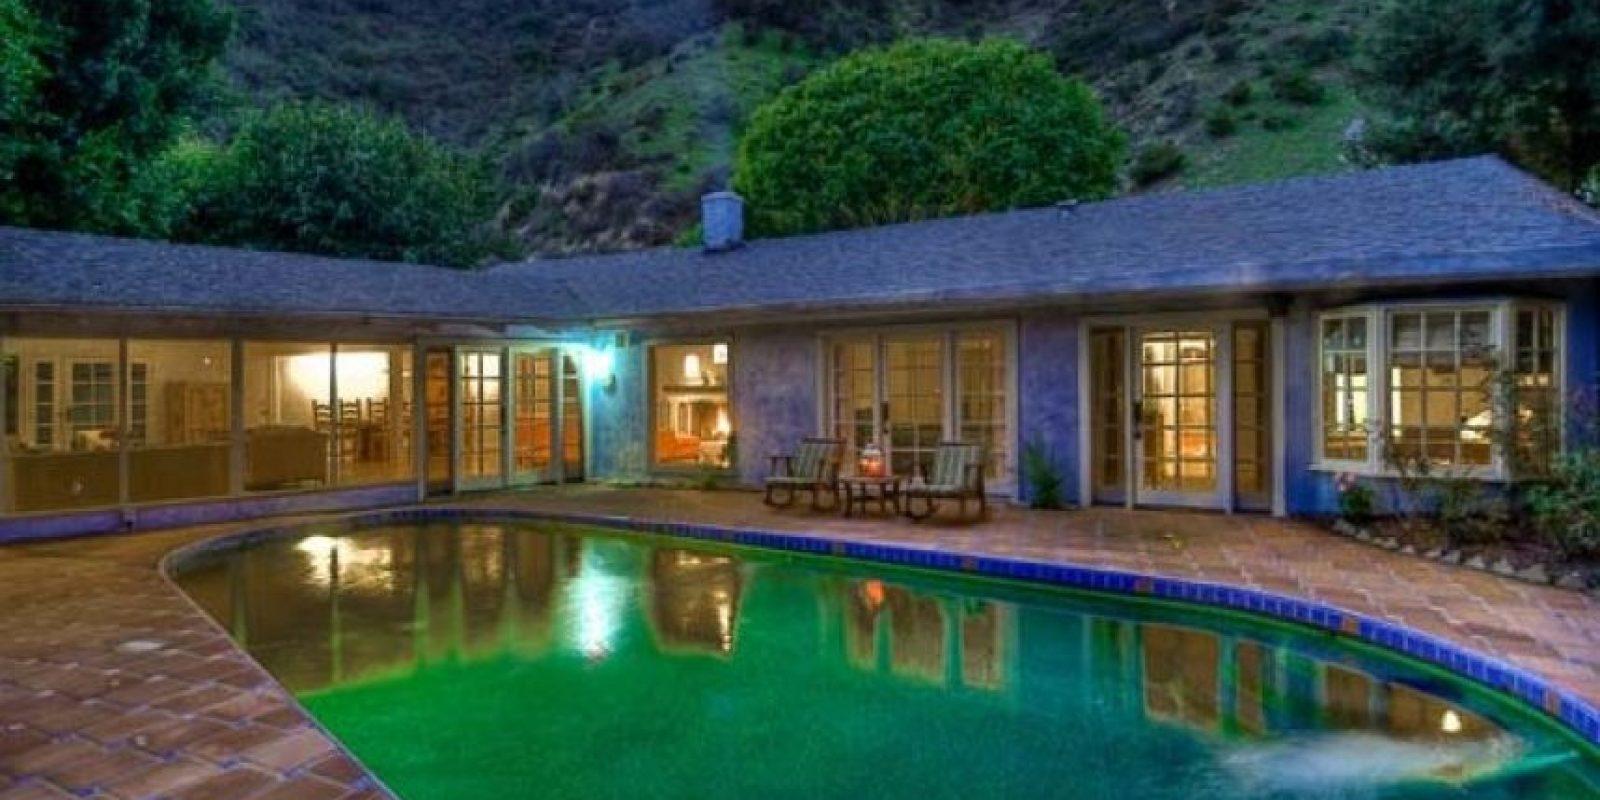 Salma Hayek puso en renta su residencia de Los Ángeles. Foto:Grosby Group